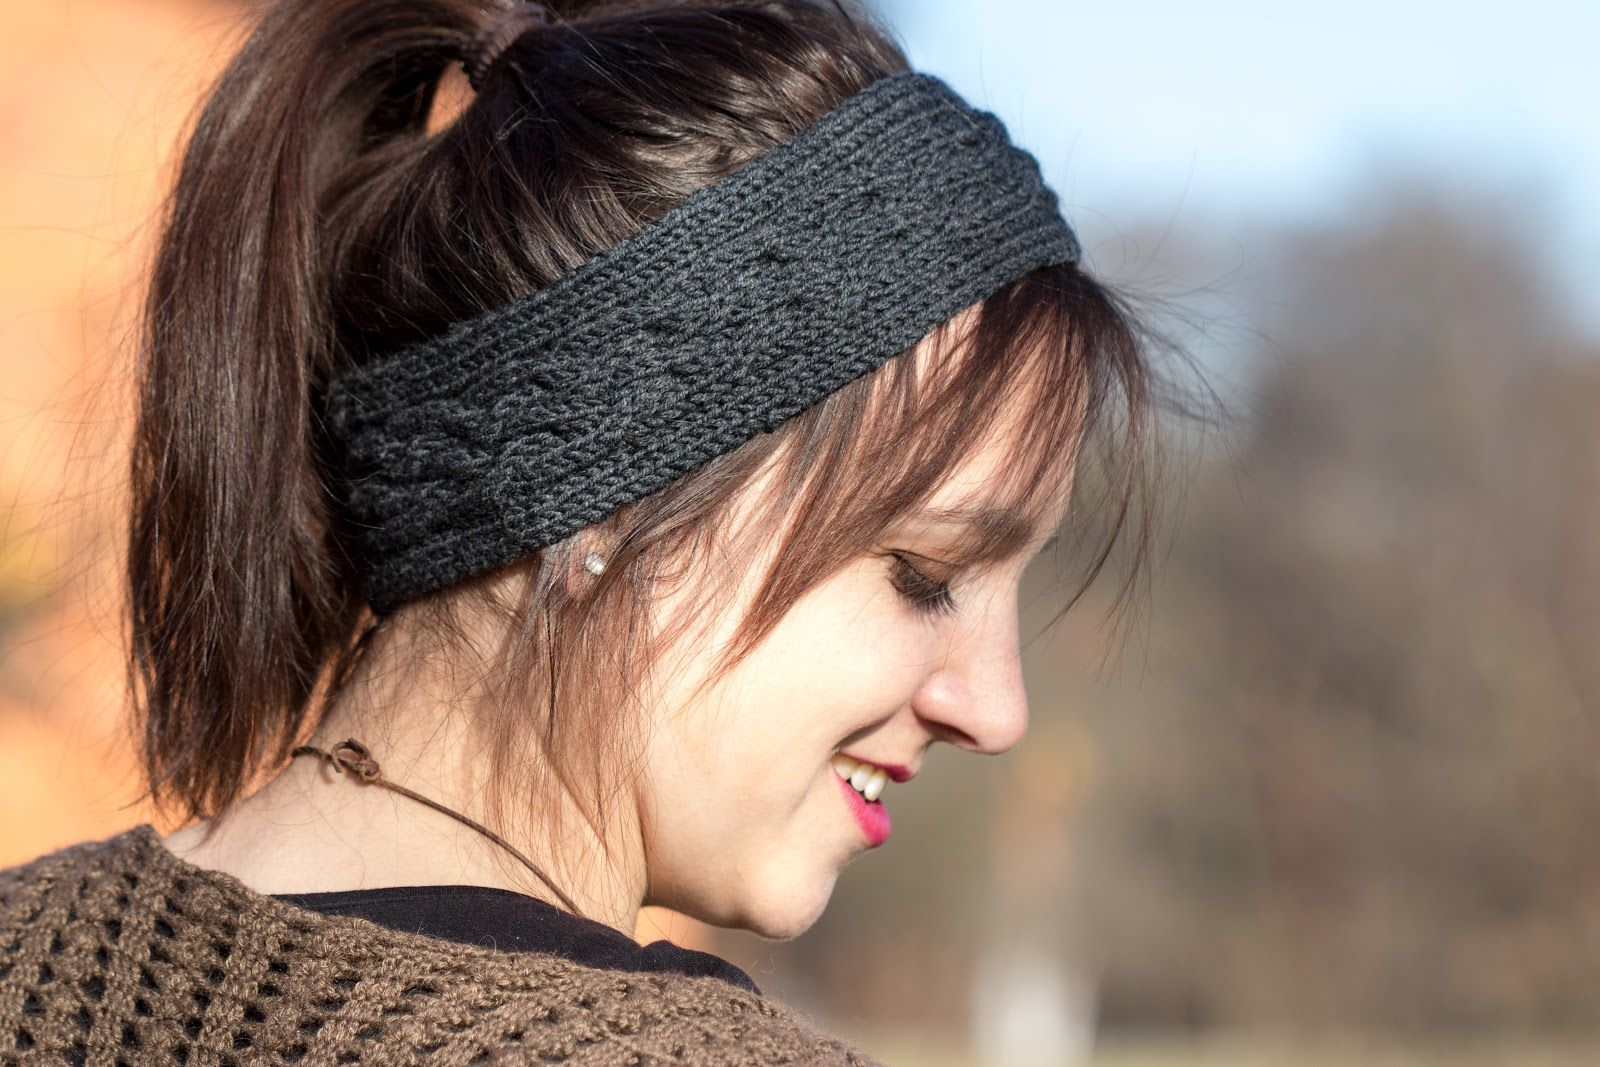 Stirnband mit Zopfmuster stricken   Knitting patterns, Chrochet and ...